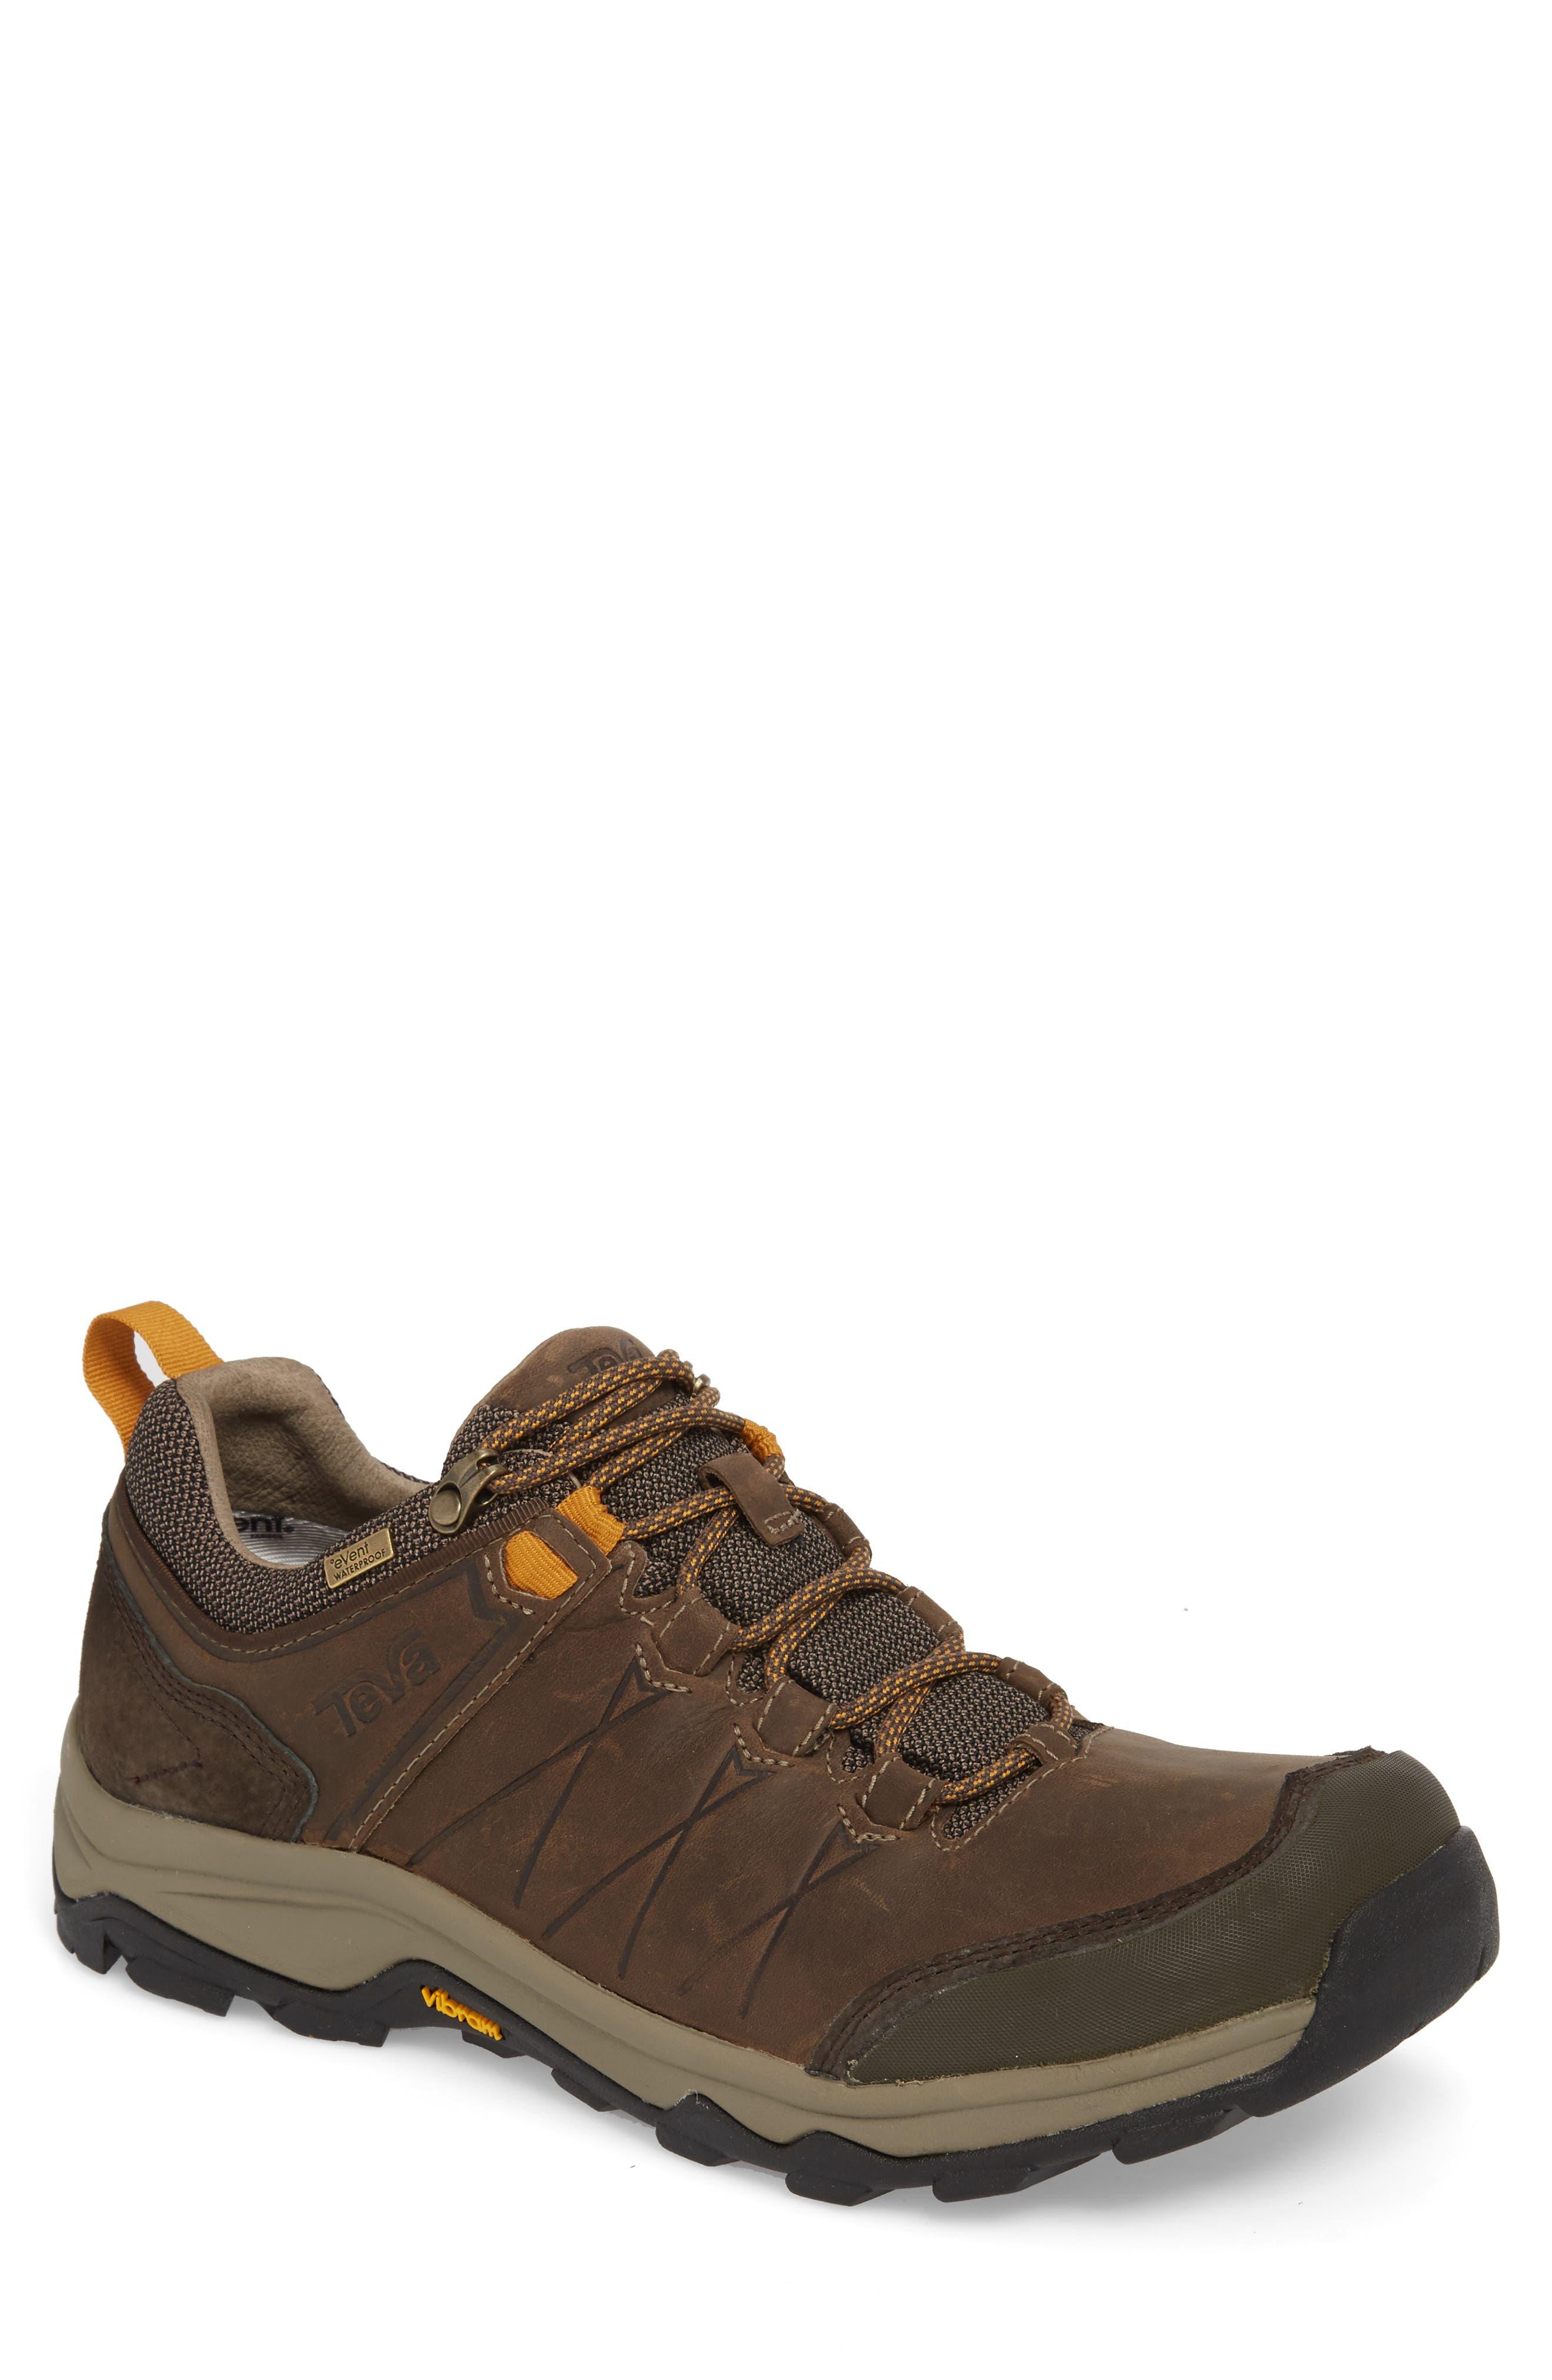 Arrowood Riva Waterproof Sneaker,                         Main,                         color, WALNUT LEATHER